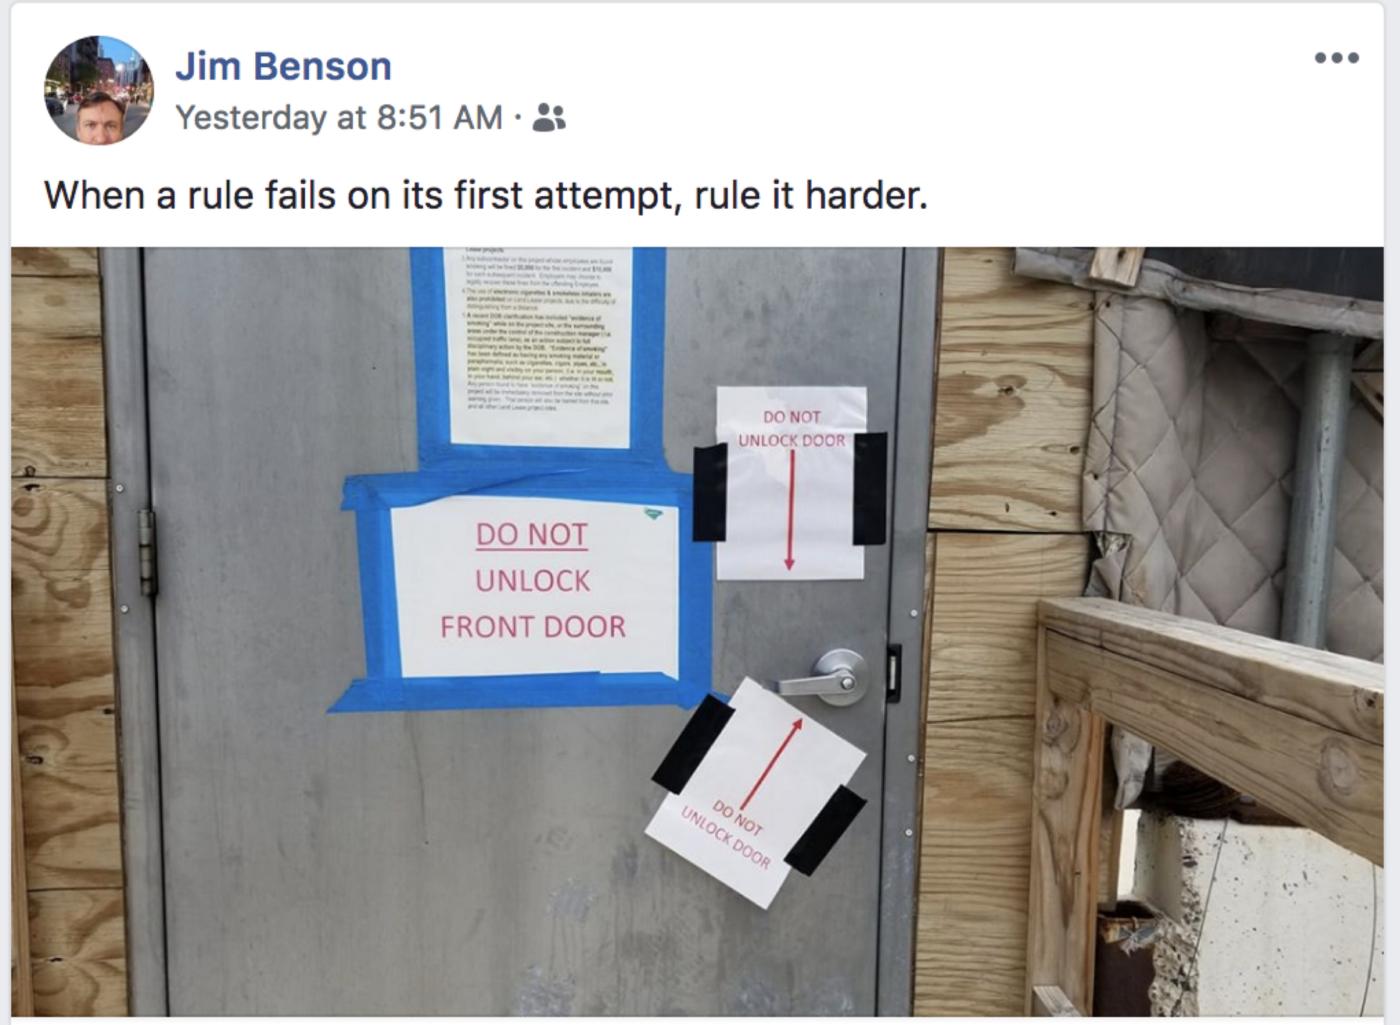 Jim Benson tweet